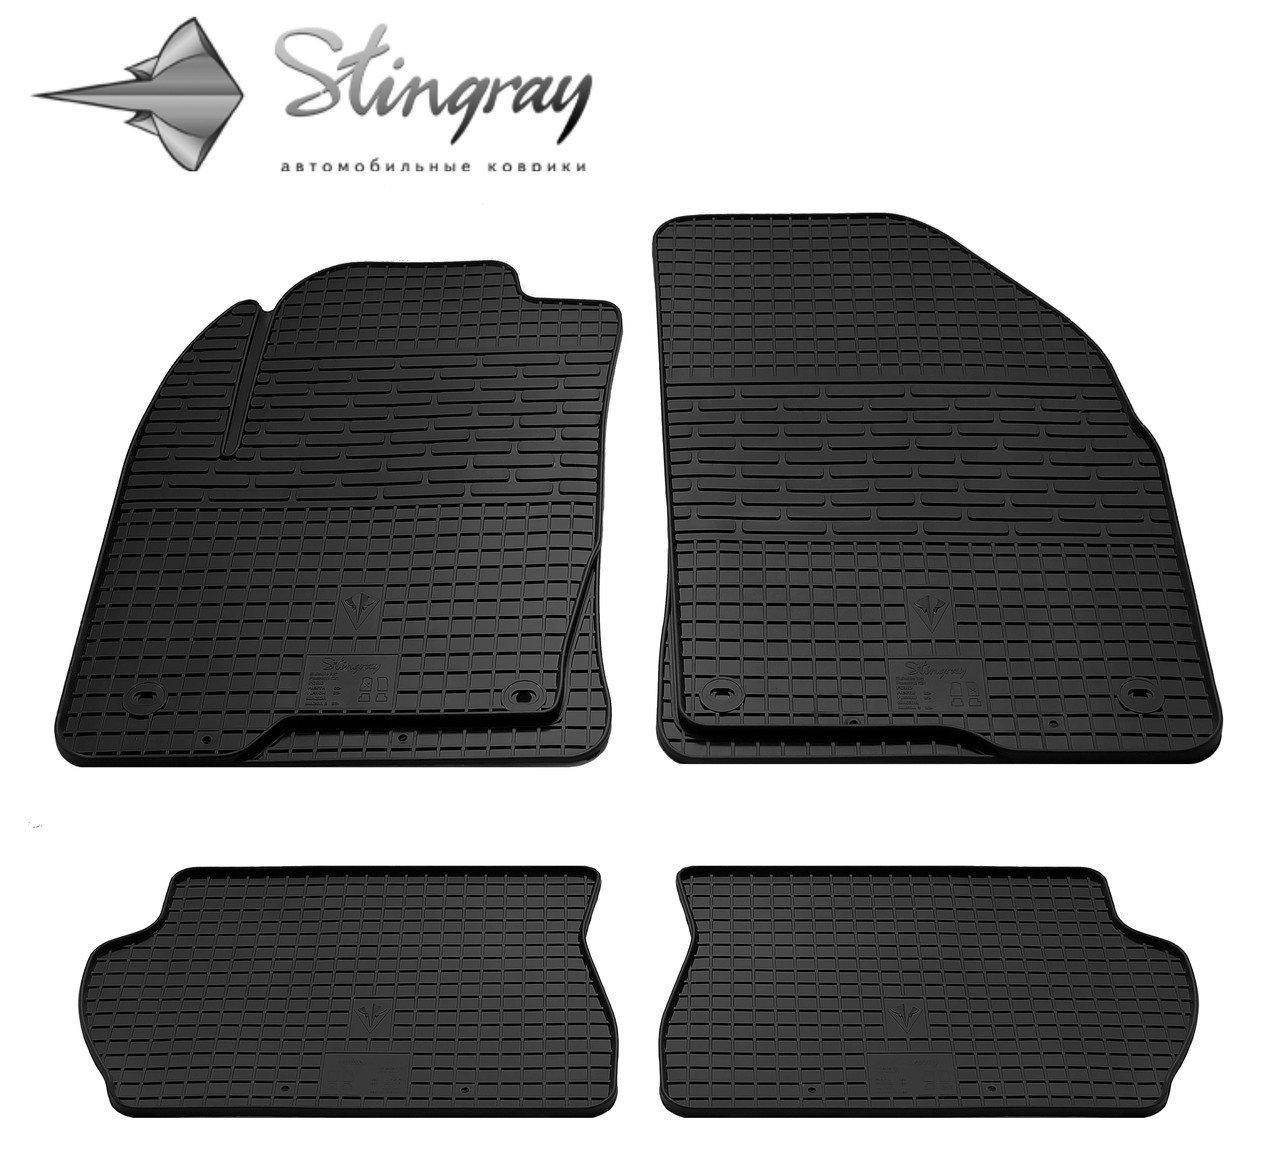 Автомобильные коврики на Ford Fusion 2002- Stingray